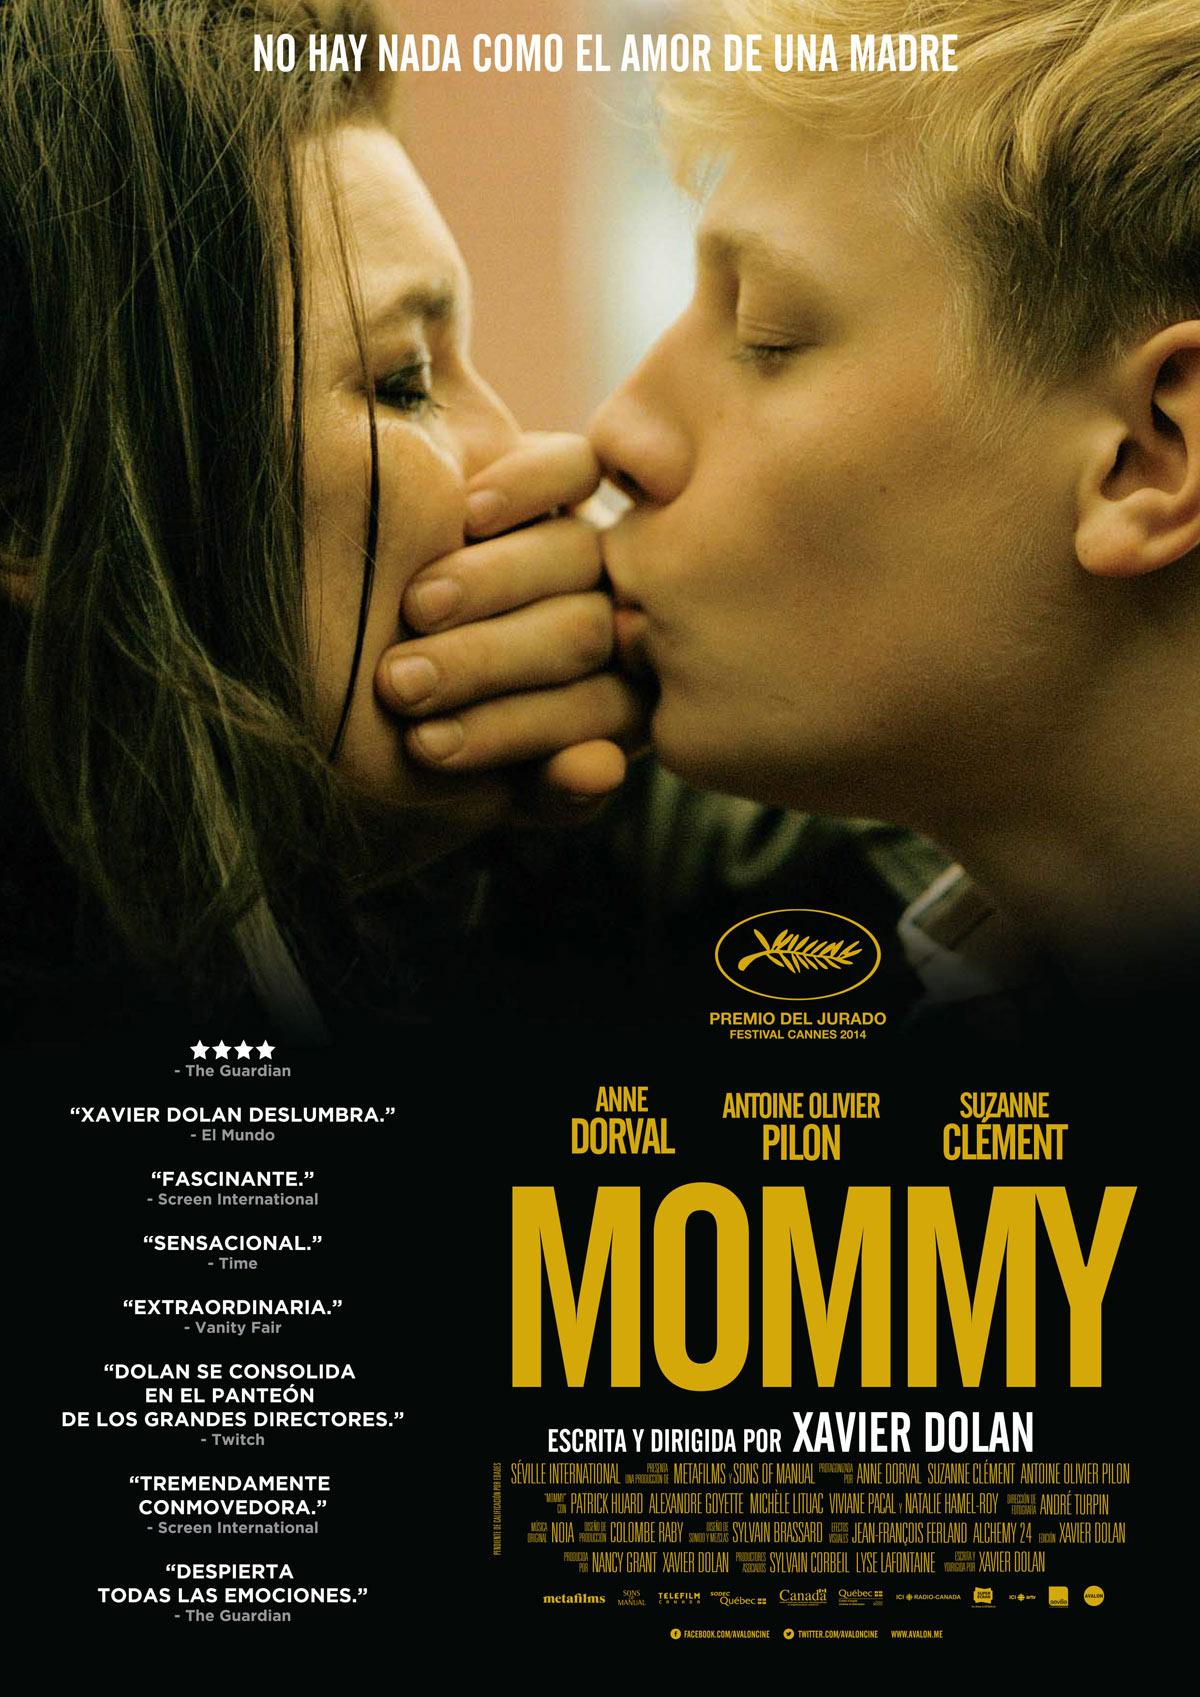 Resultado de imagen para mommy movie